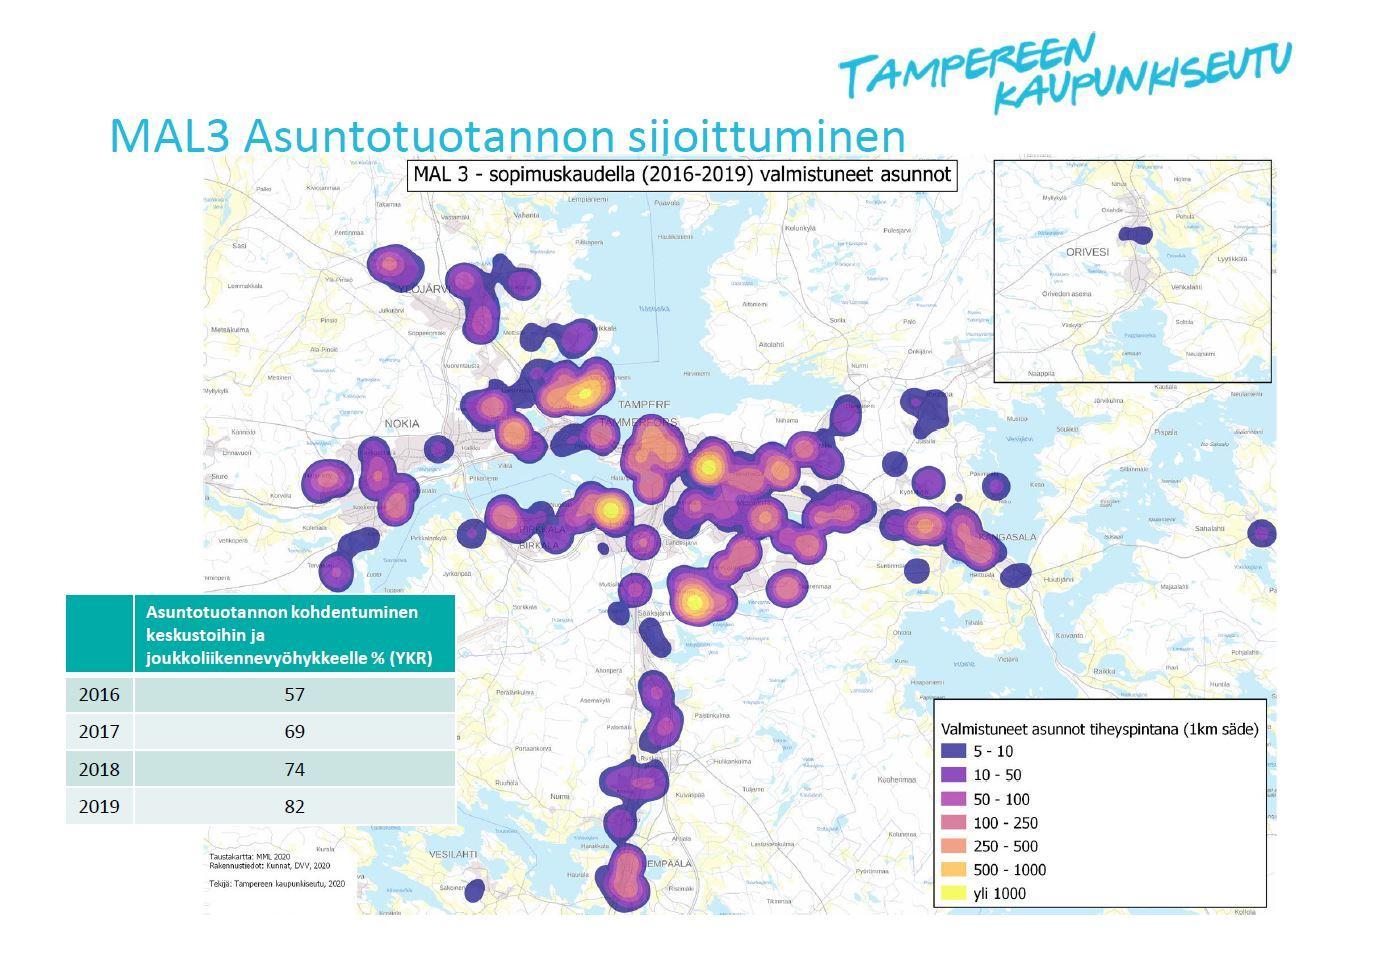 Kuvassa kartta Tampereen kaupunkiseudusta. Karttaan on merkitty alueet, joille uusia asuntoja on rakennettu MAL3-sopimuskaudella 2016-2019. Vuonna 2019 82 prosenttia kaupunkiseudun asuntotuotannosta kohdentui keskustoihin ja joukkoliikennevyöhykkeille.